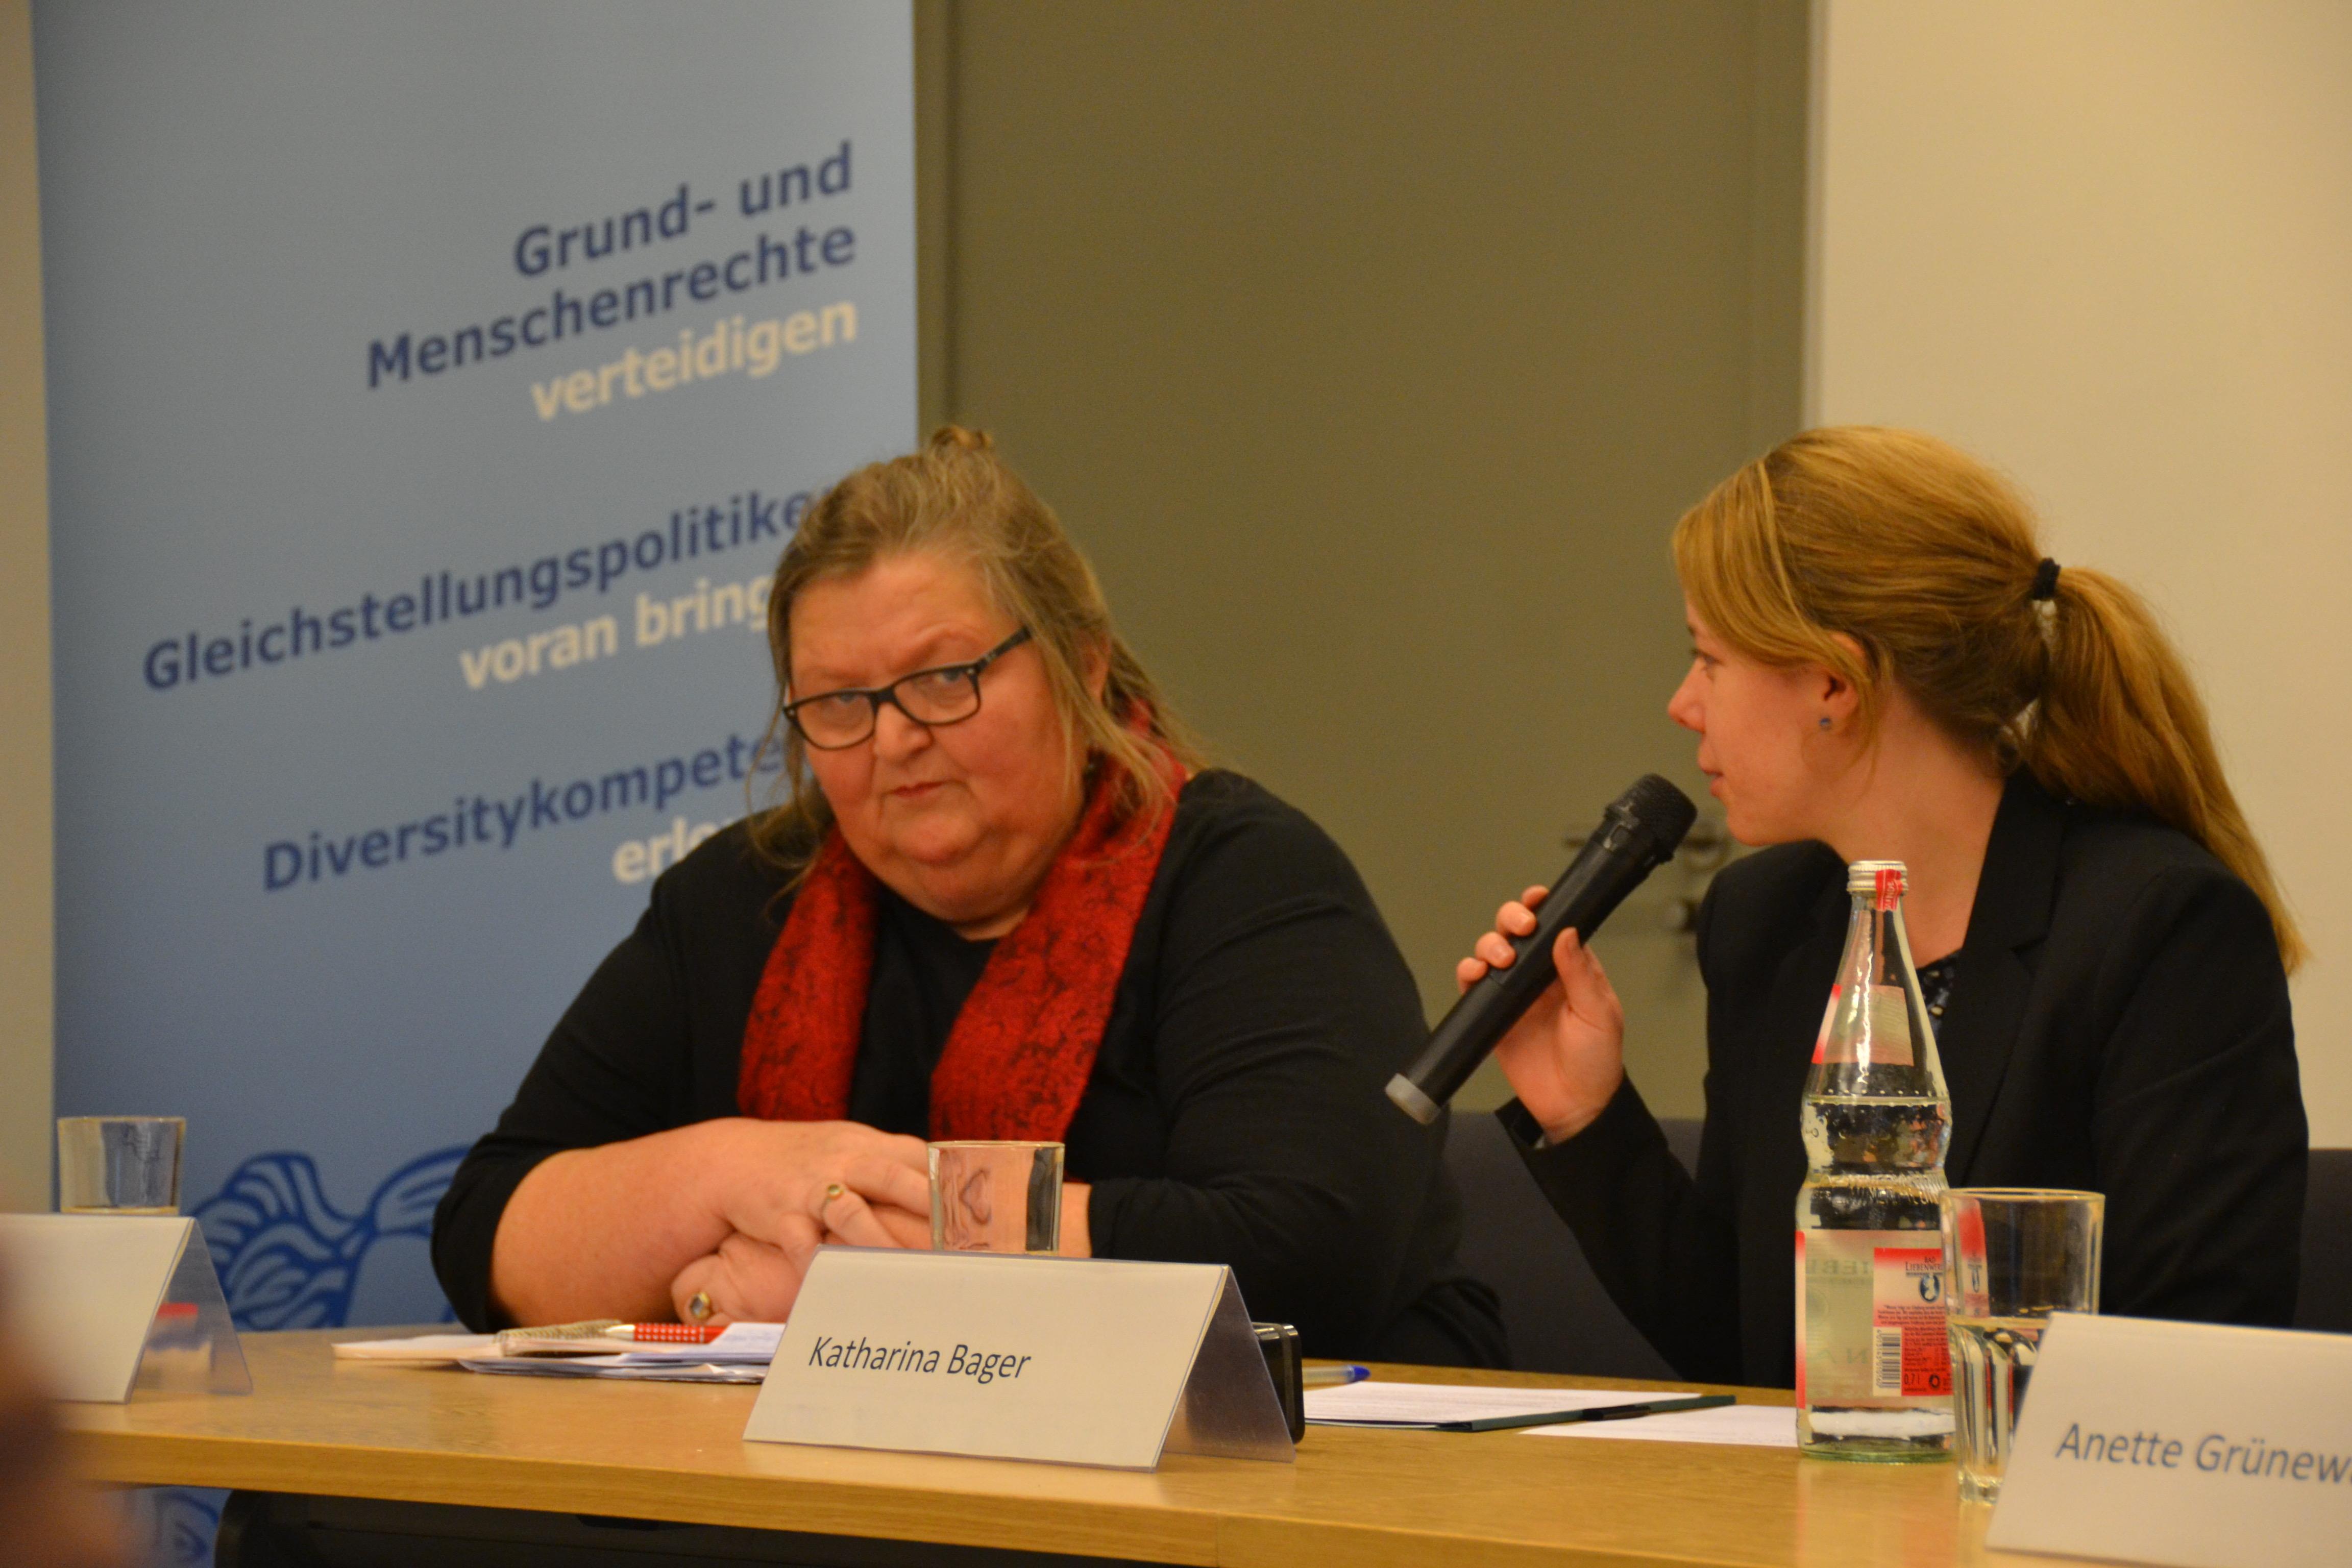 Lucie Veith, Katharina Bager, Thementag Inter*geschlechtlichkeit der HLCMR